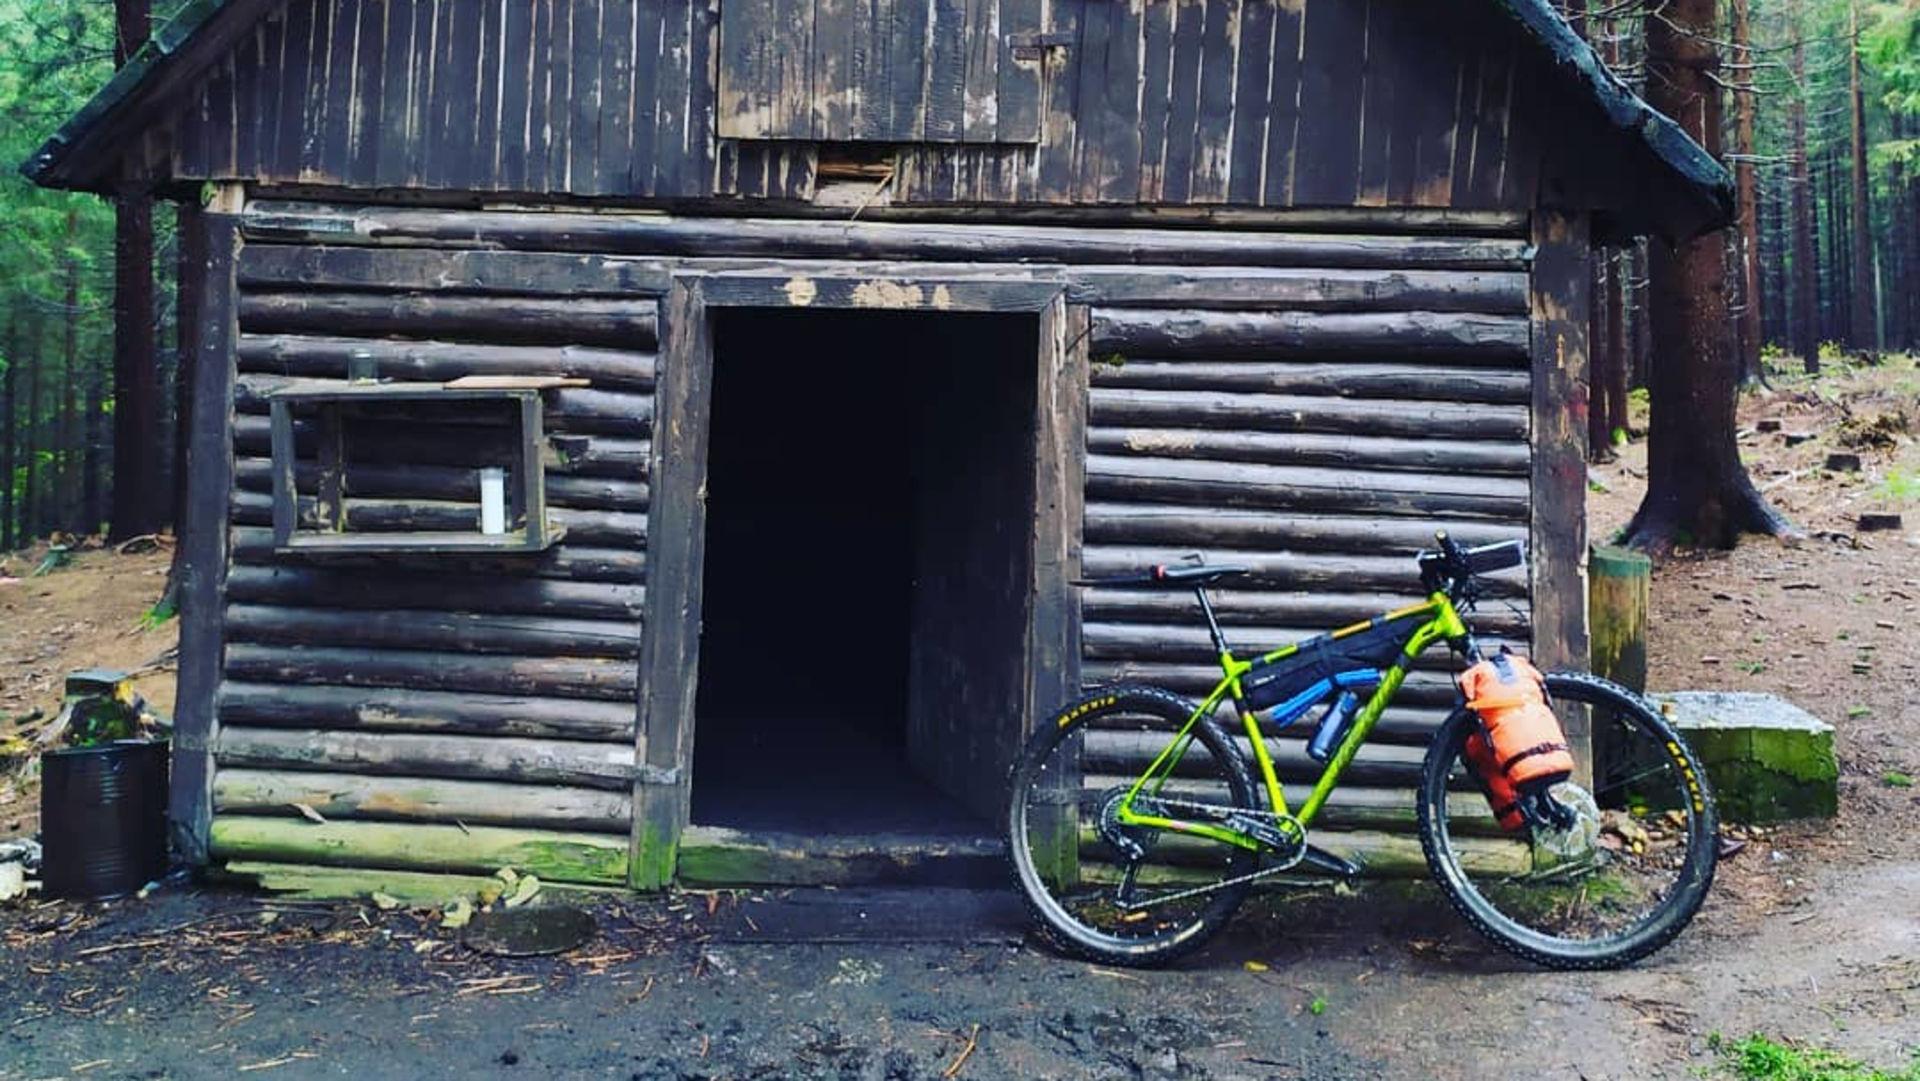 Bushcraftowy wypad rowerowy Merida Big.Nine NX-Edition bikepacking